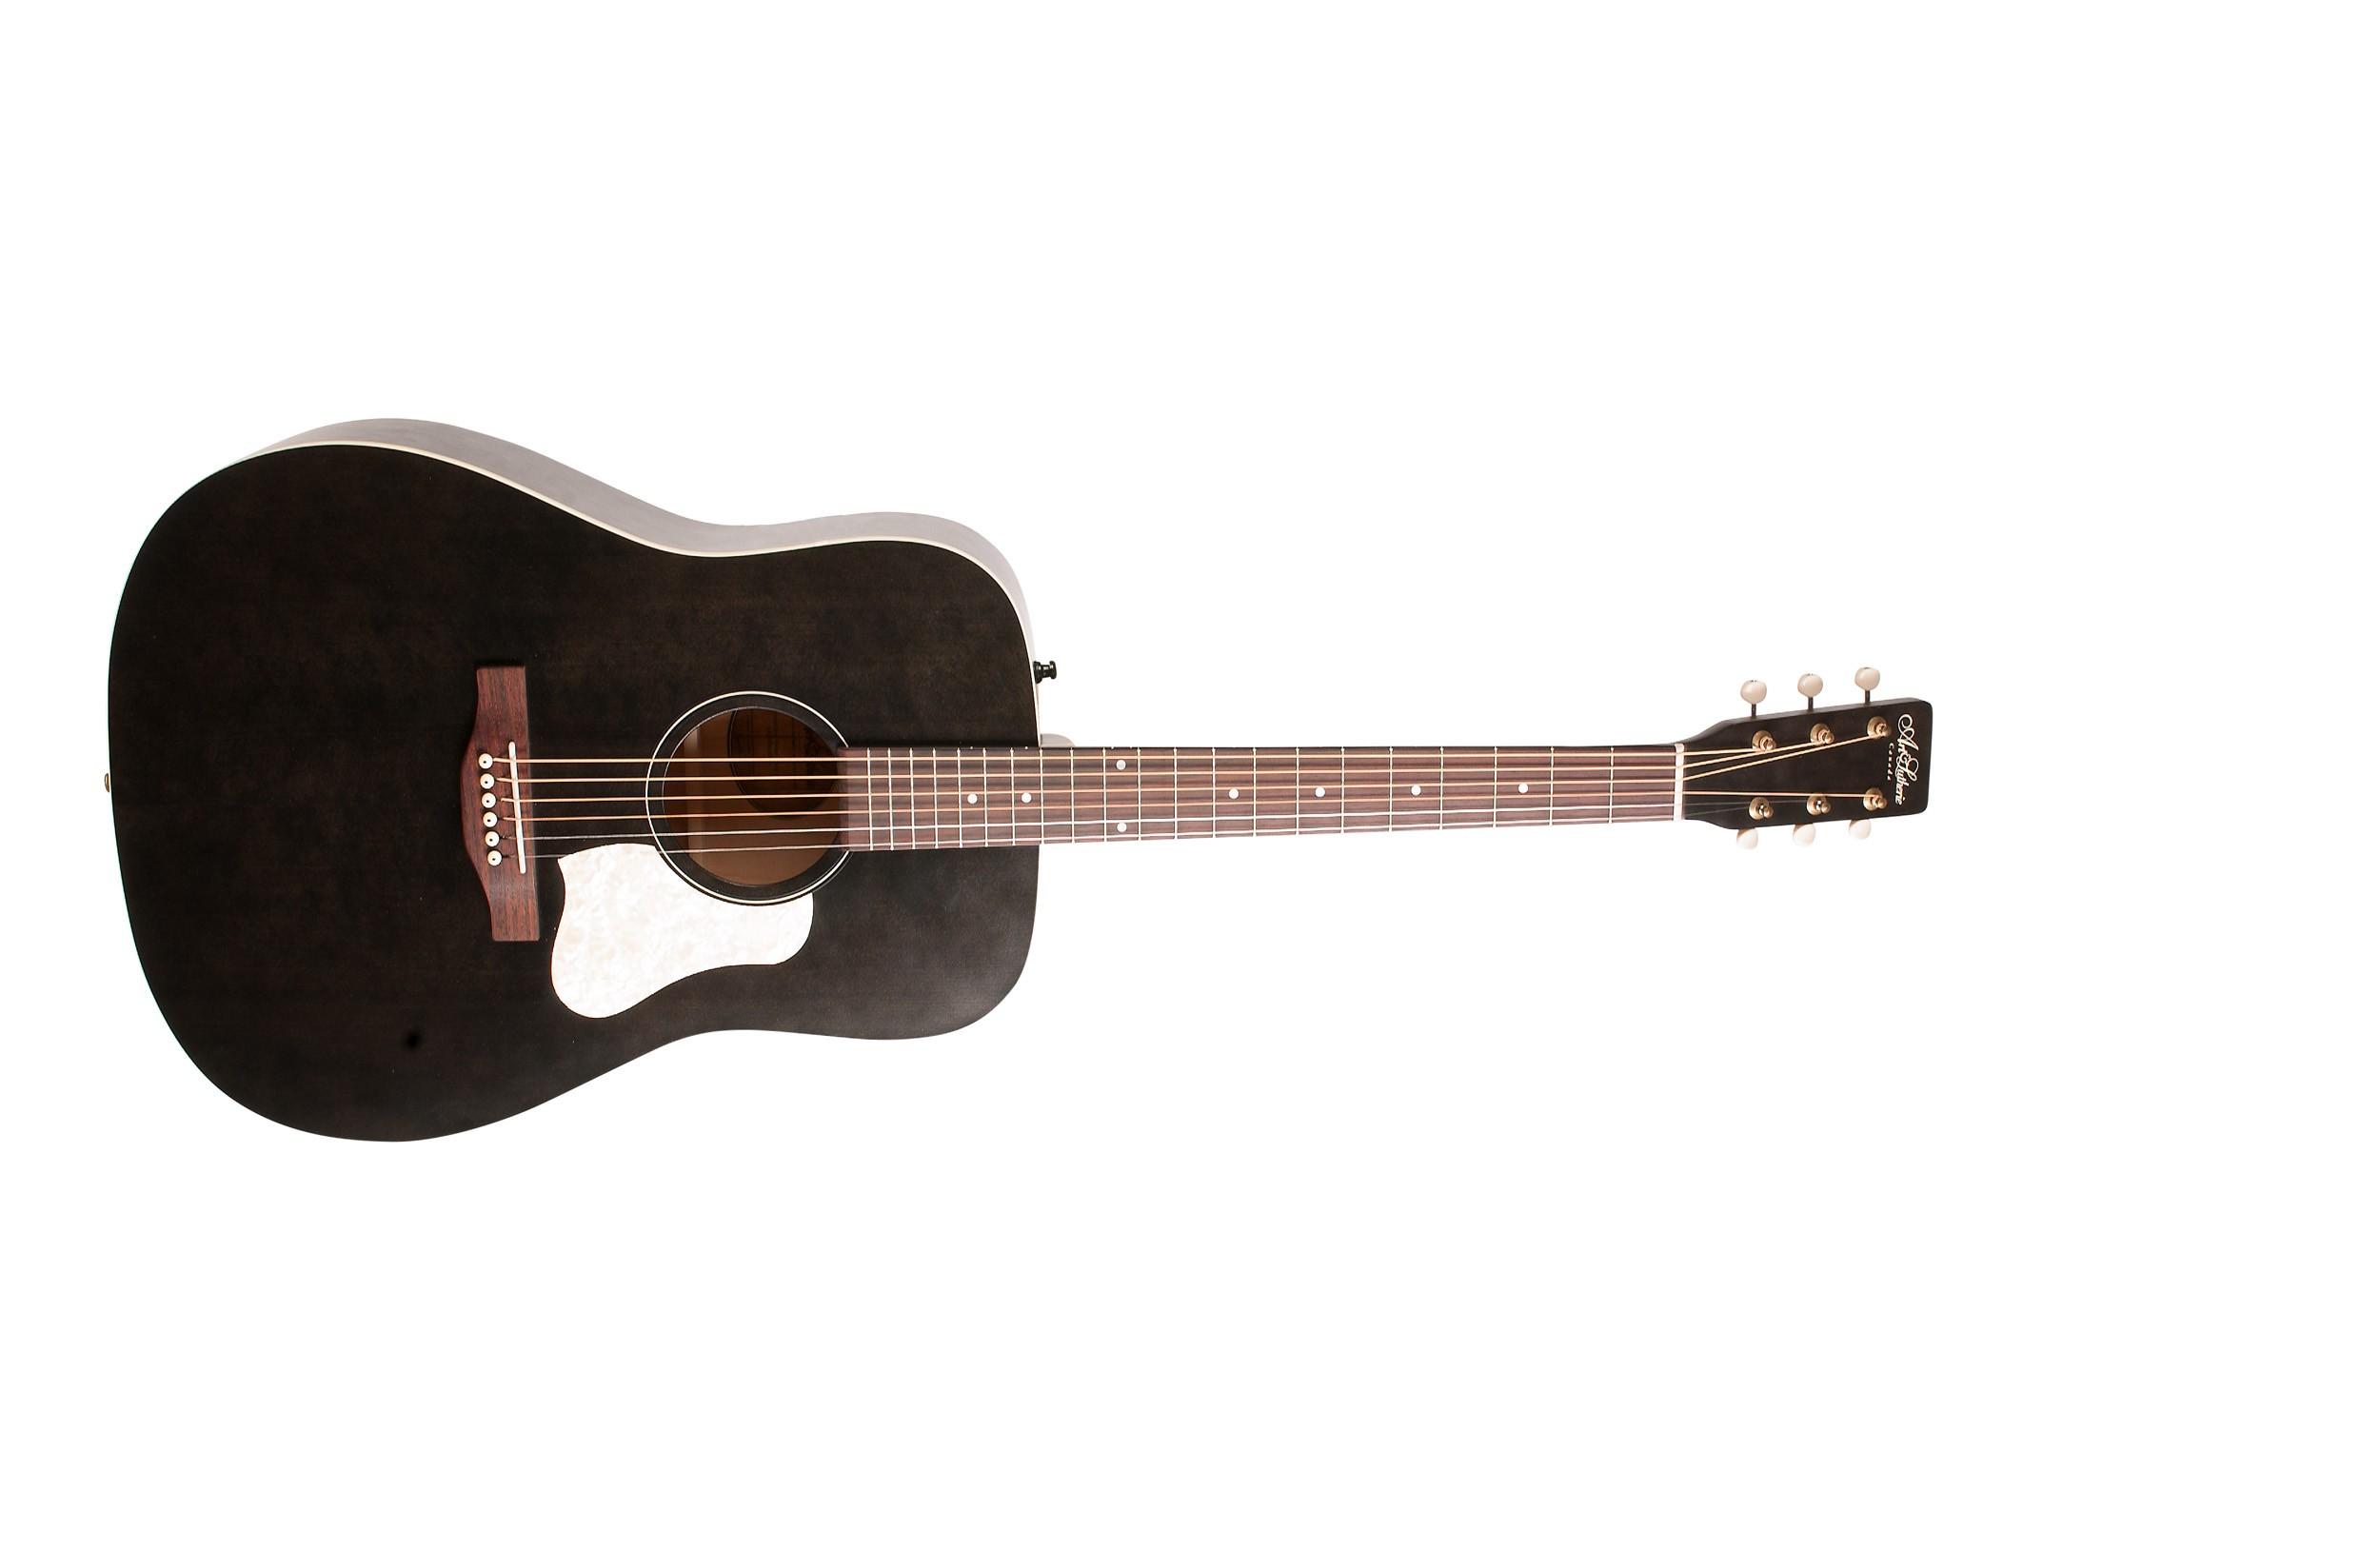 Guitares & co - GUITARES ACOUSTIQUES - 6 CORDES - ART & LUTHERIE - AL045587 - Royez Musik